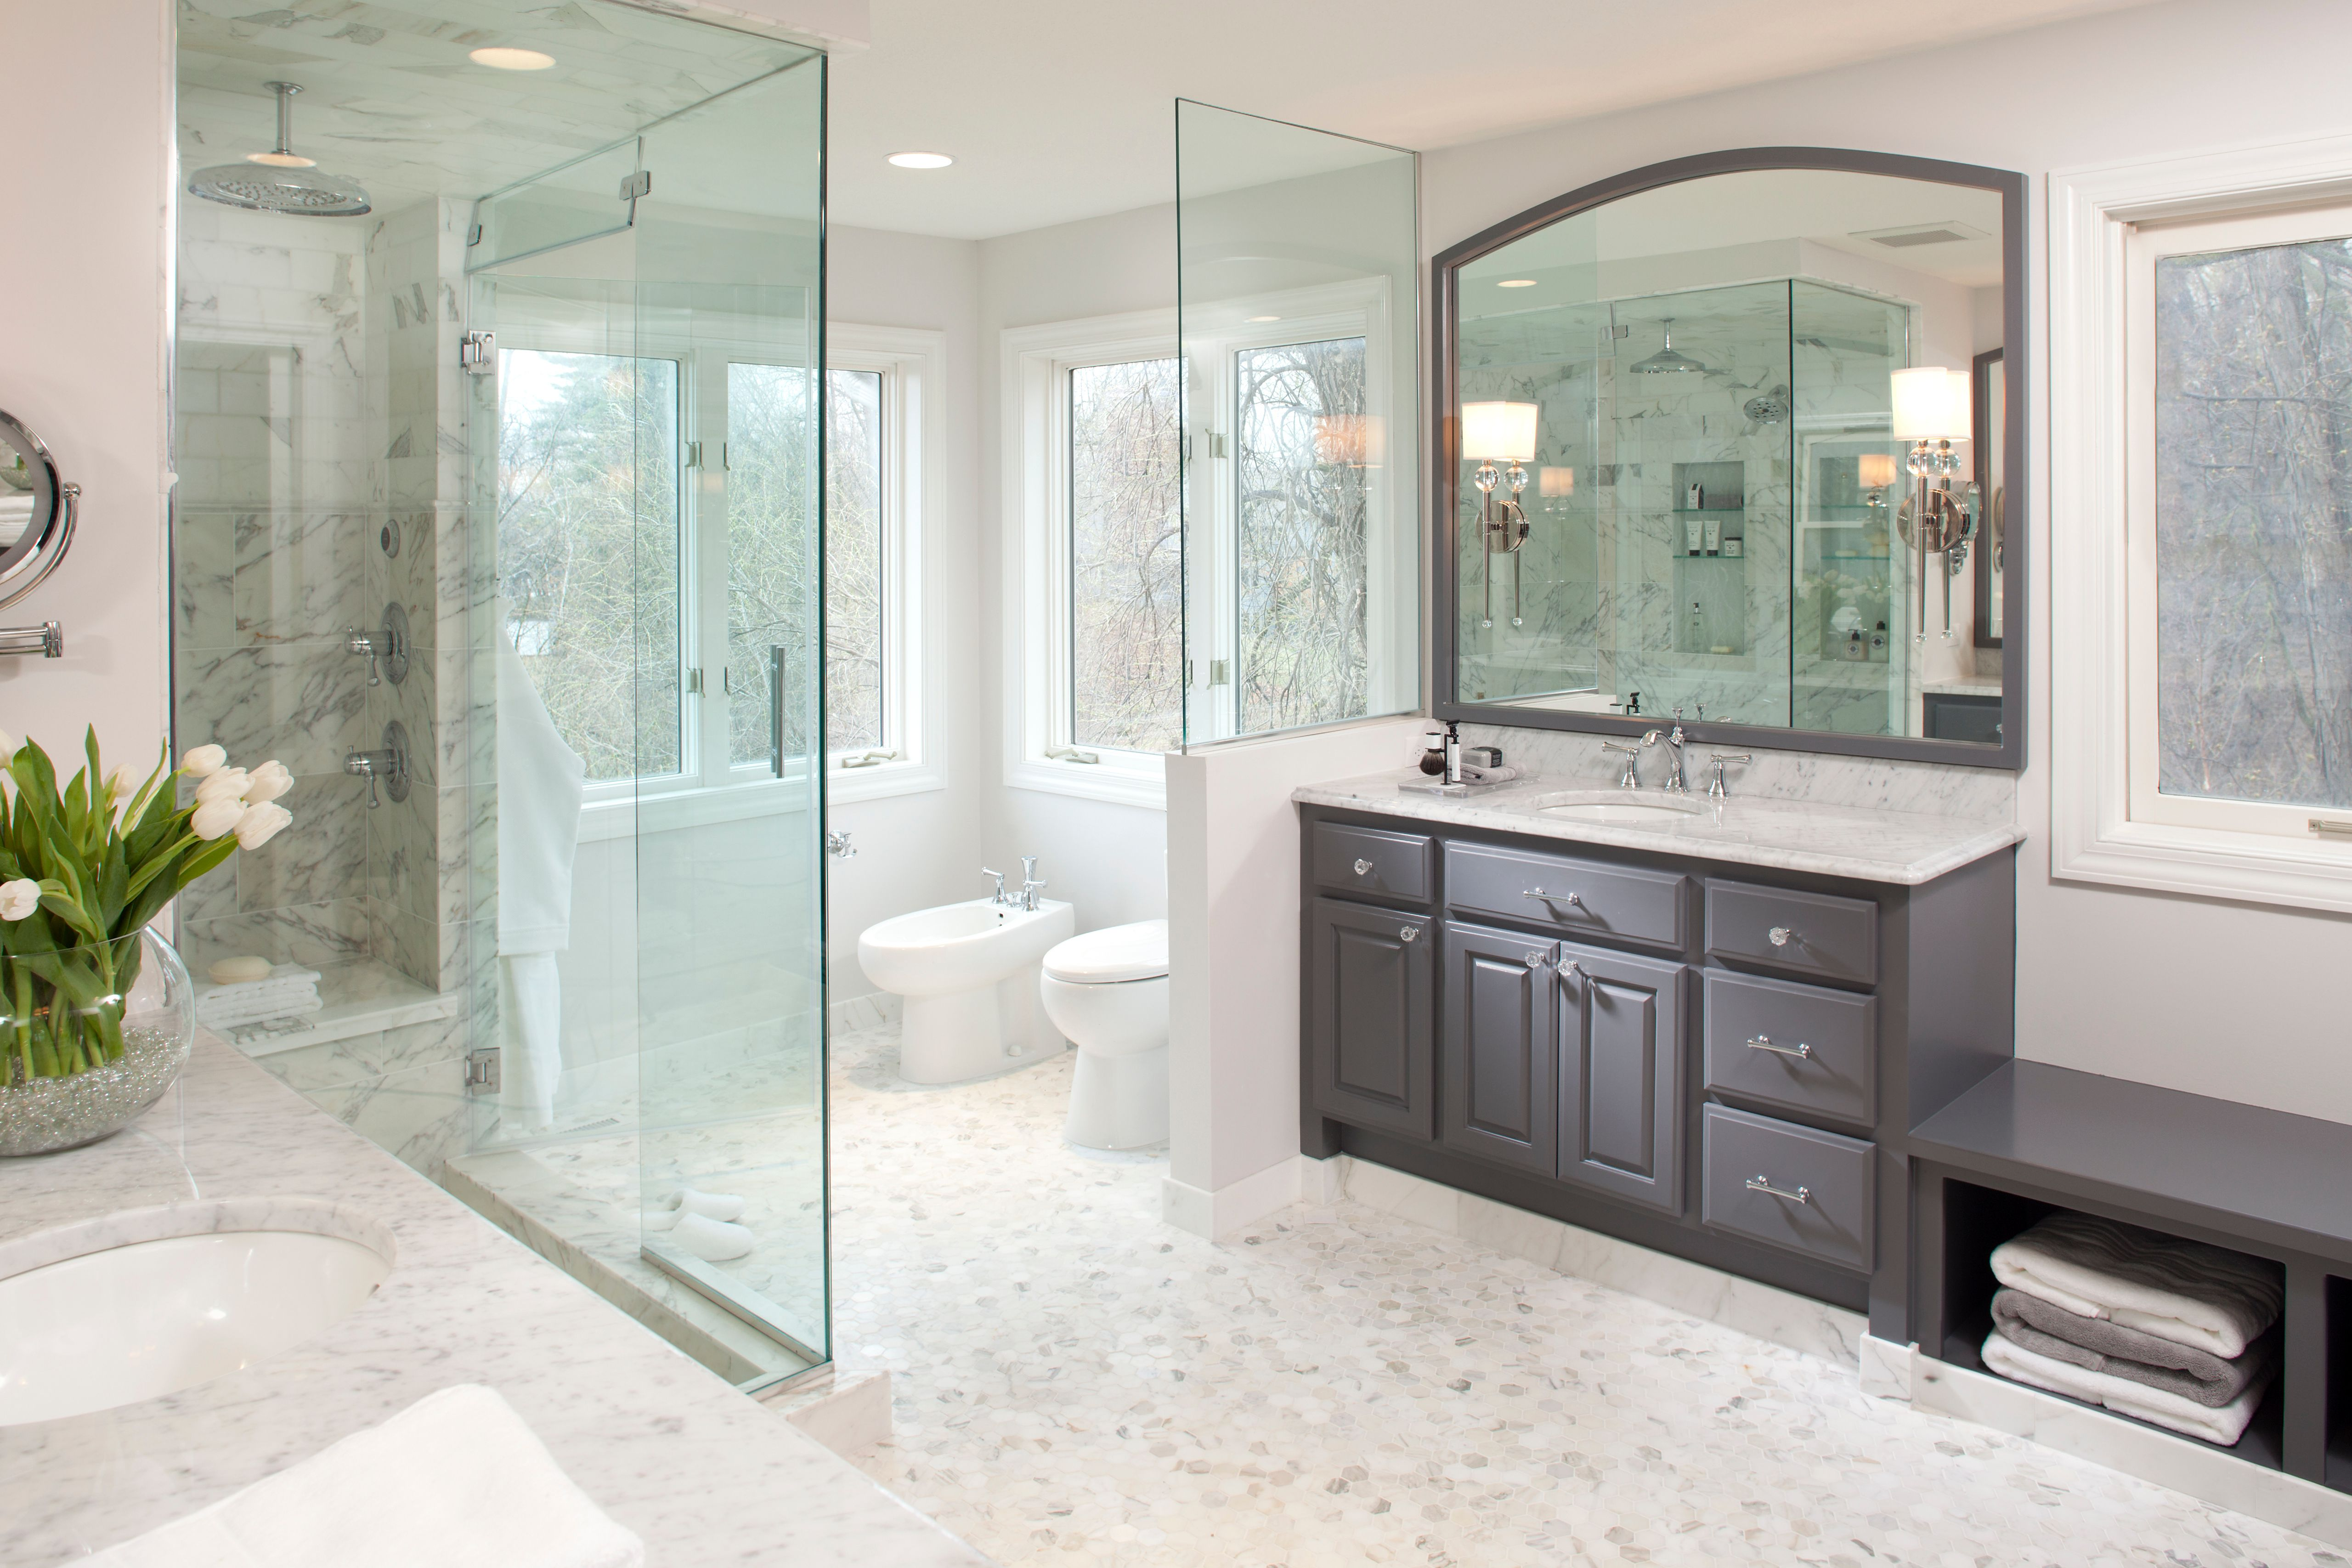 Bathroom Renovations Hgtv Makeovers Luxury Bathroom Bathroom